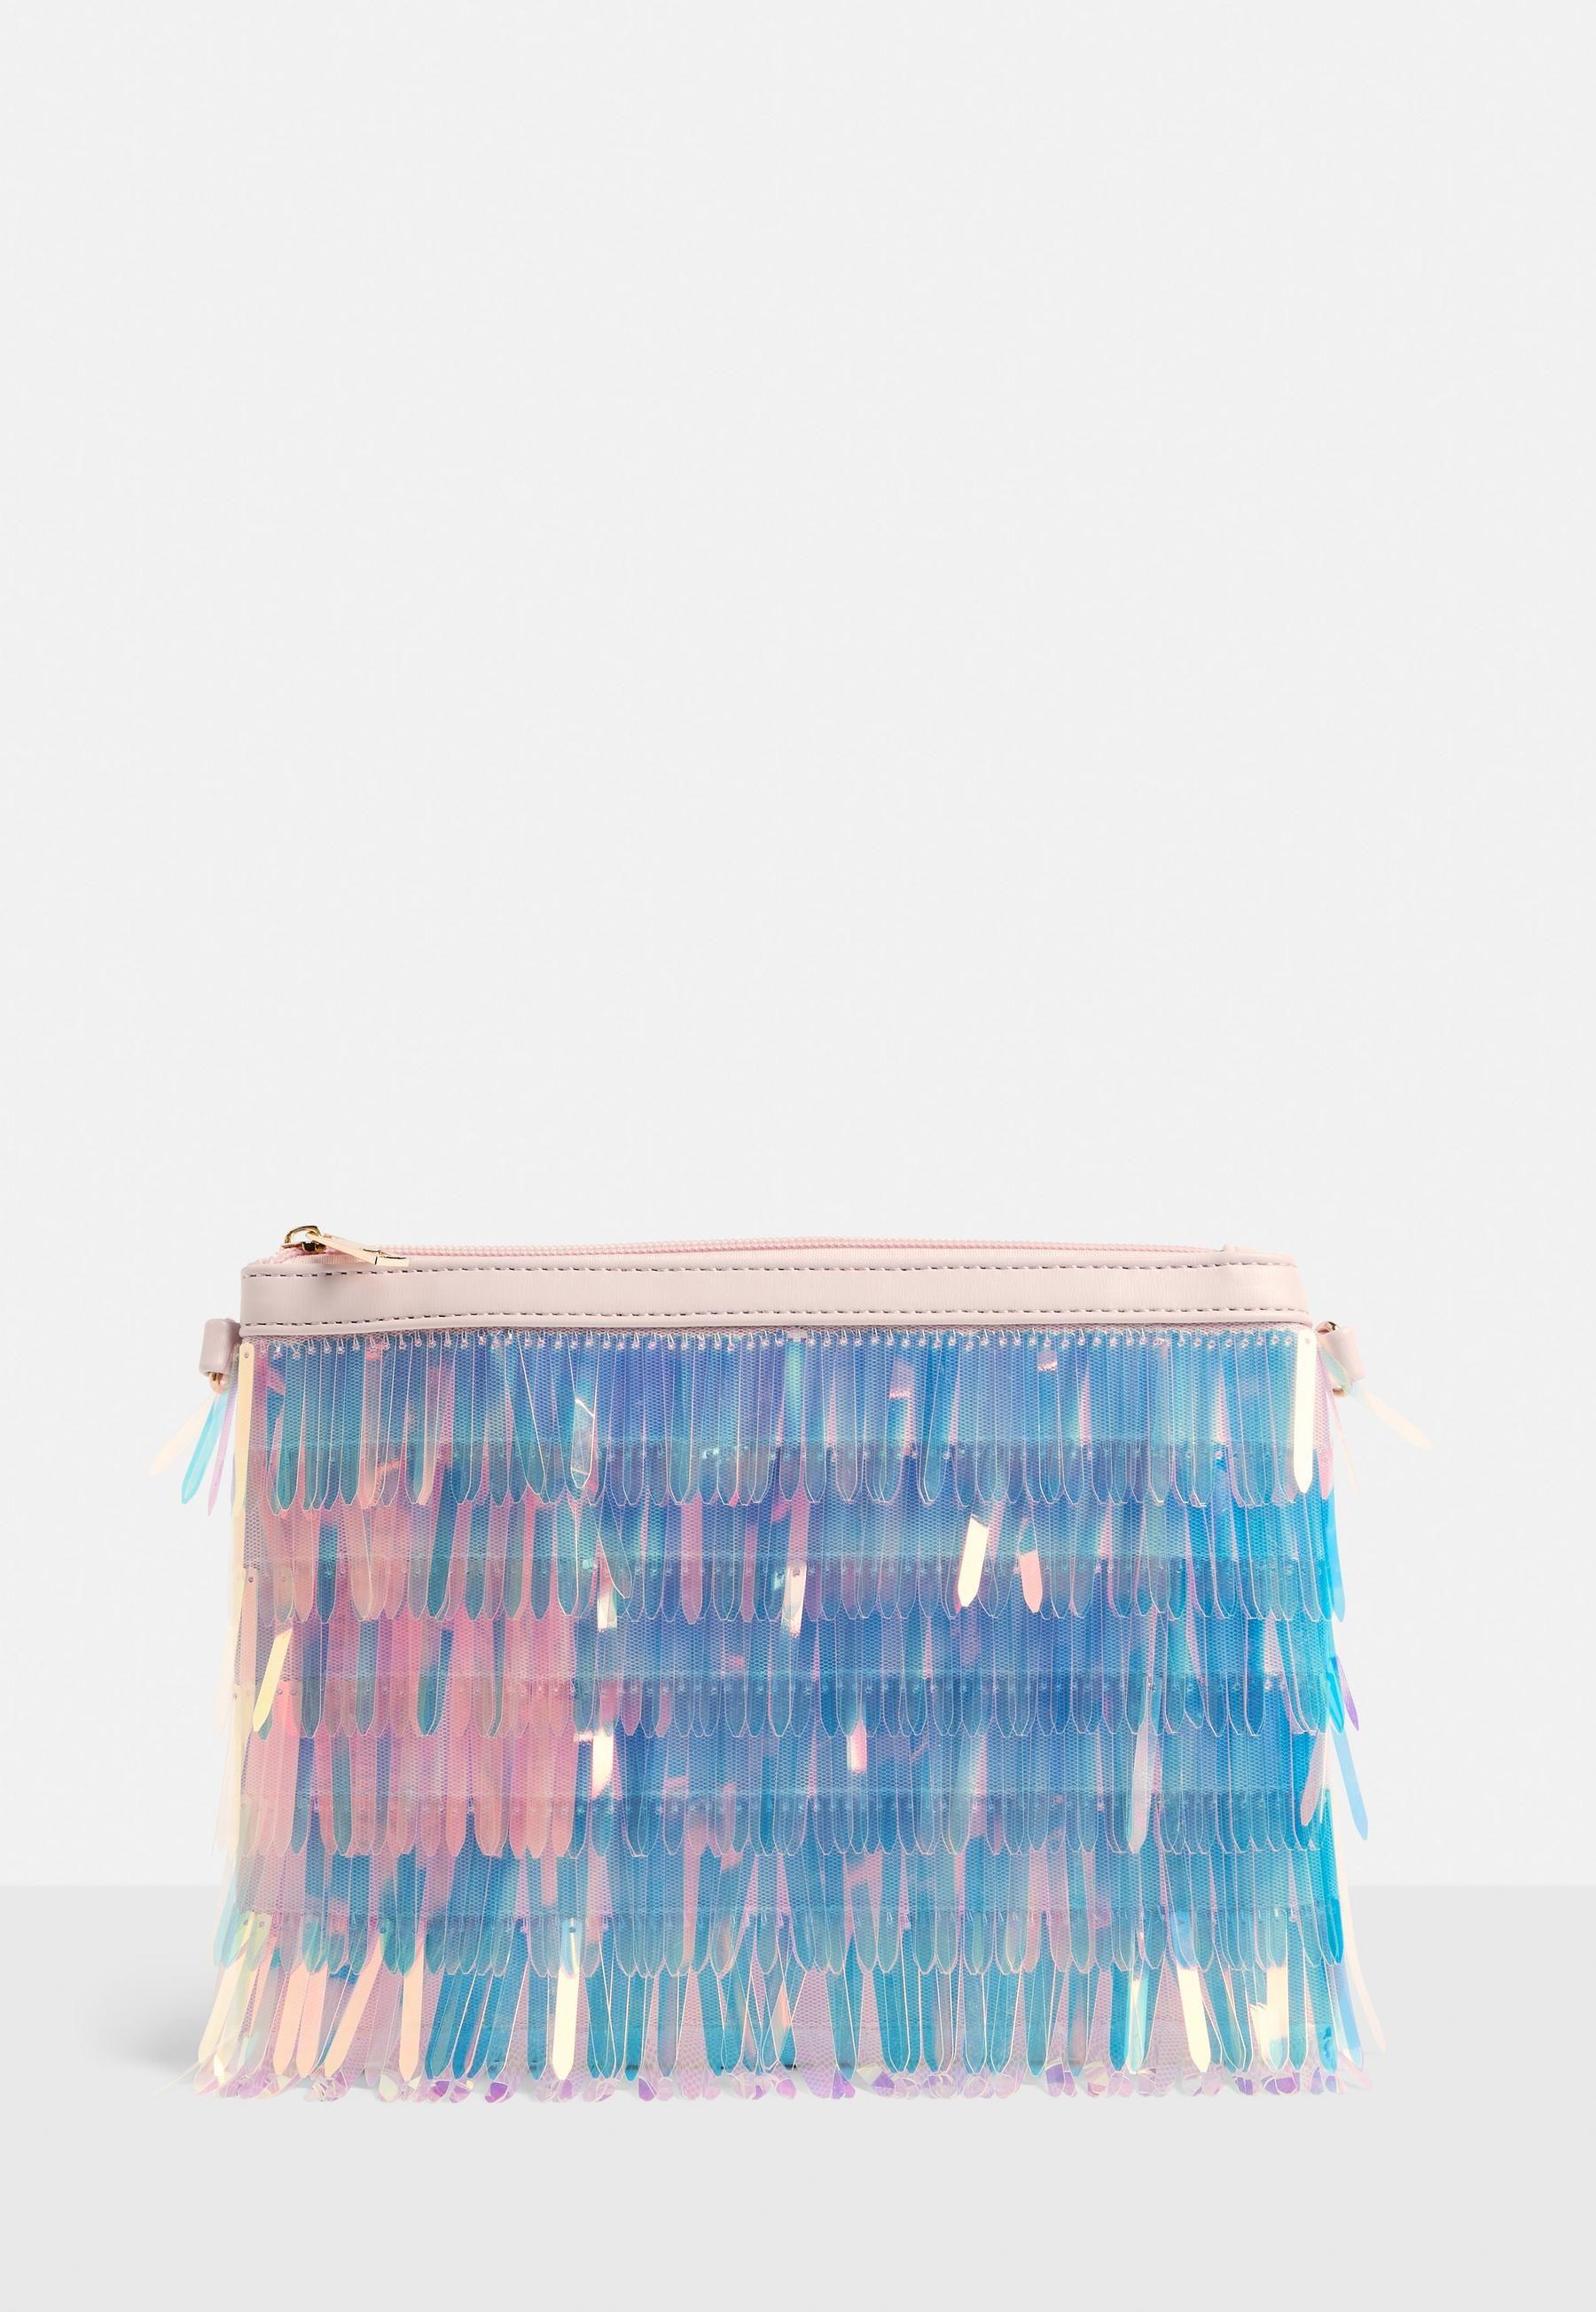 fe4d06eaf4a1 Pink Iridescent Holographic Tassel Clutch Bag